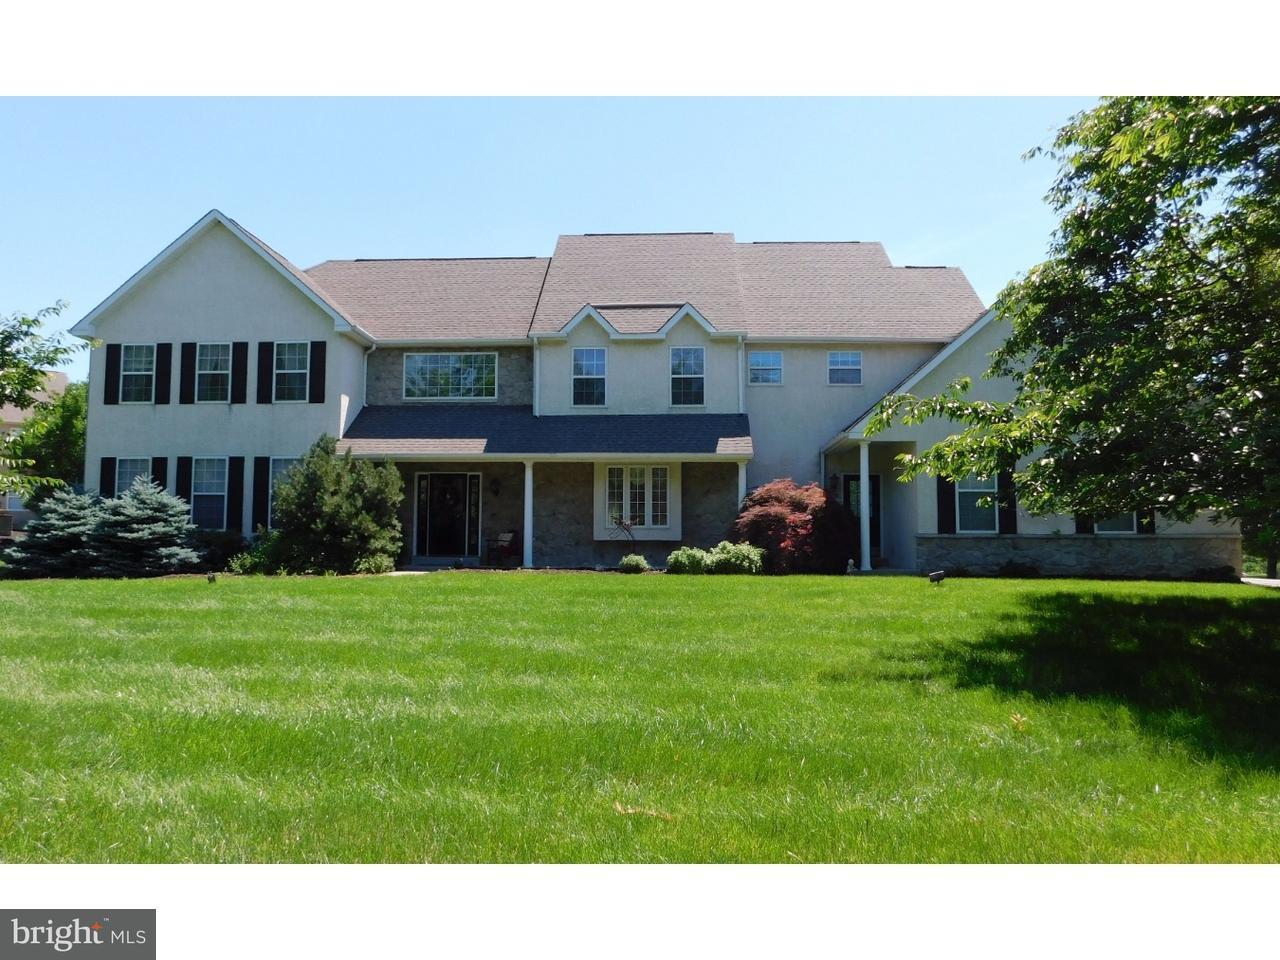 Maison unifamiliale pour l Vente à 1124 REDTAIL Road Audubon, Pennsylvanie 19403 États-Unis